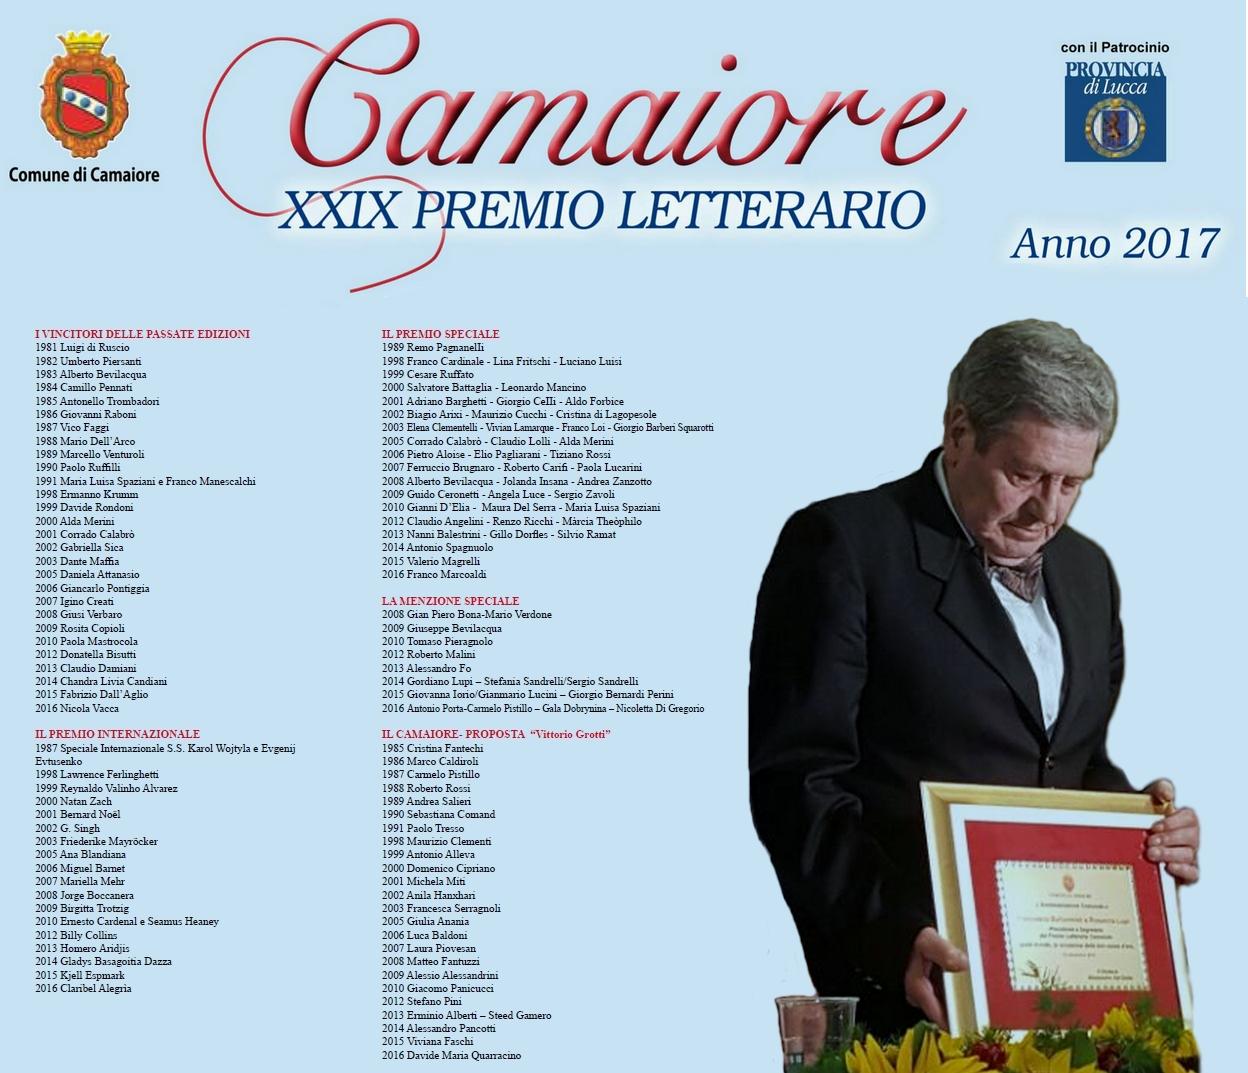 Richiesta intitolazione Premio Camaiore-Belluomini